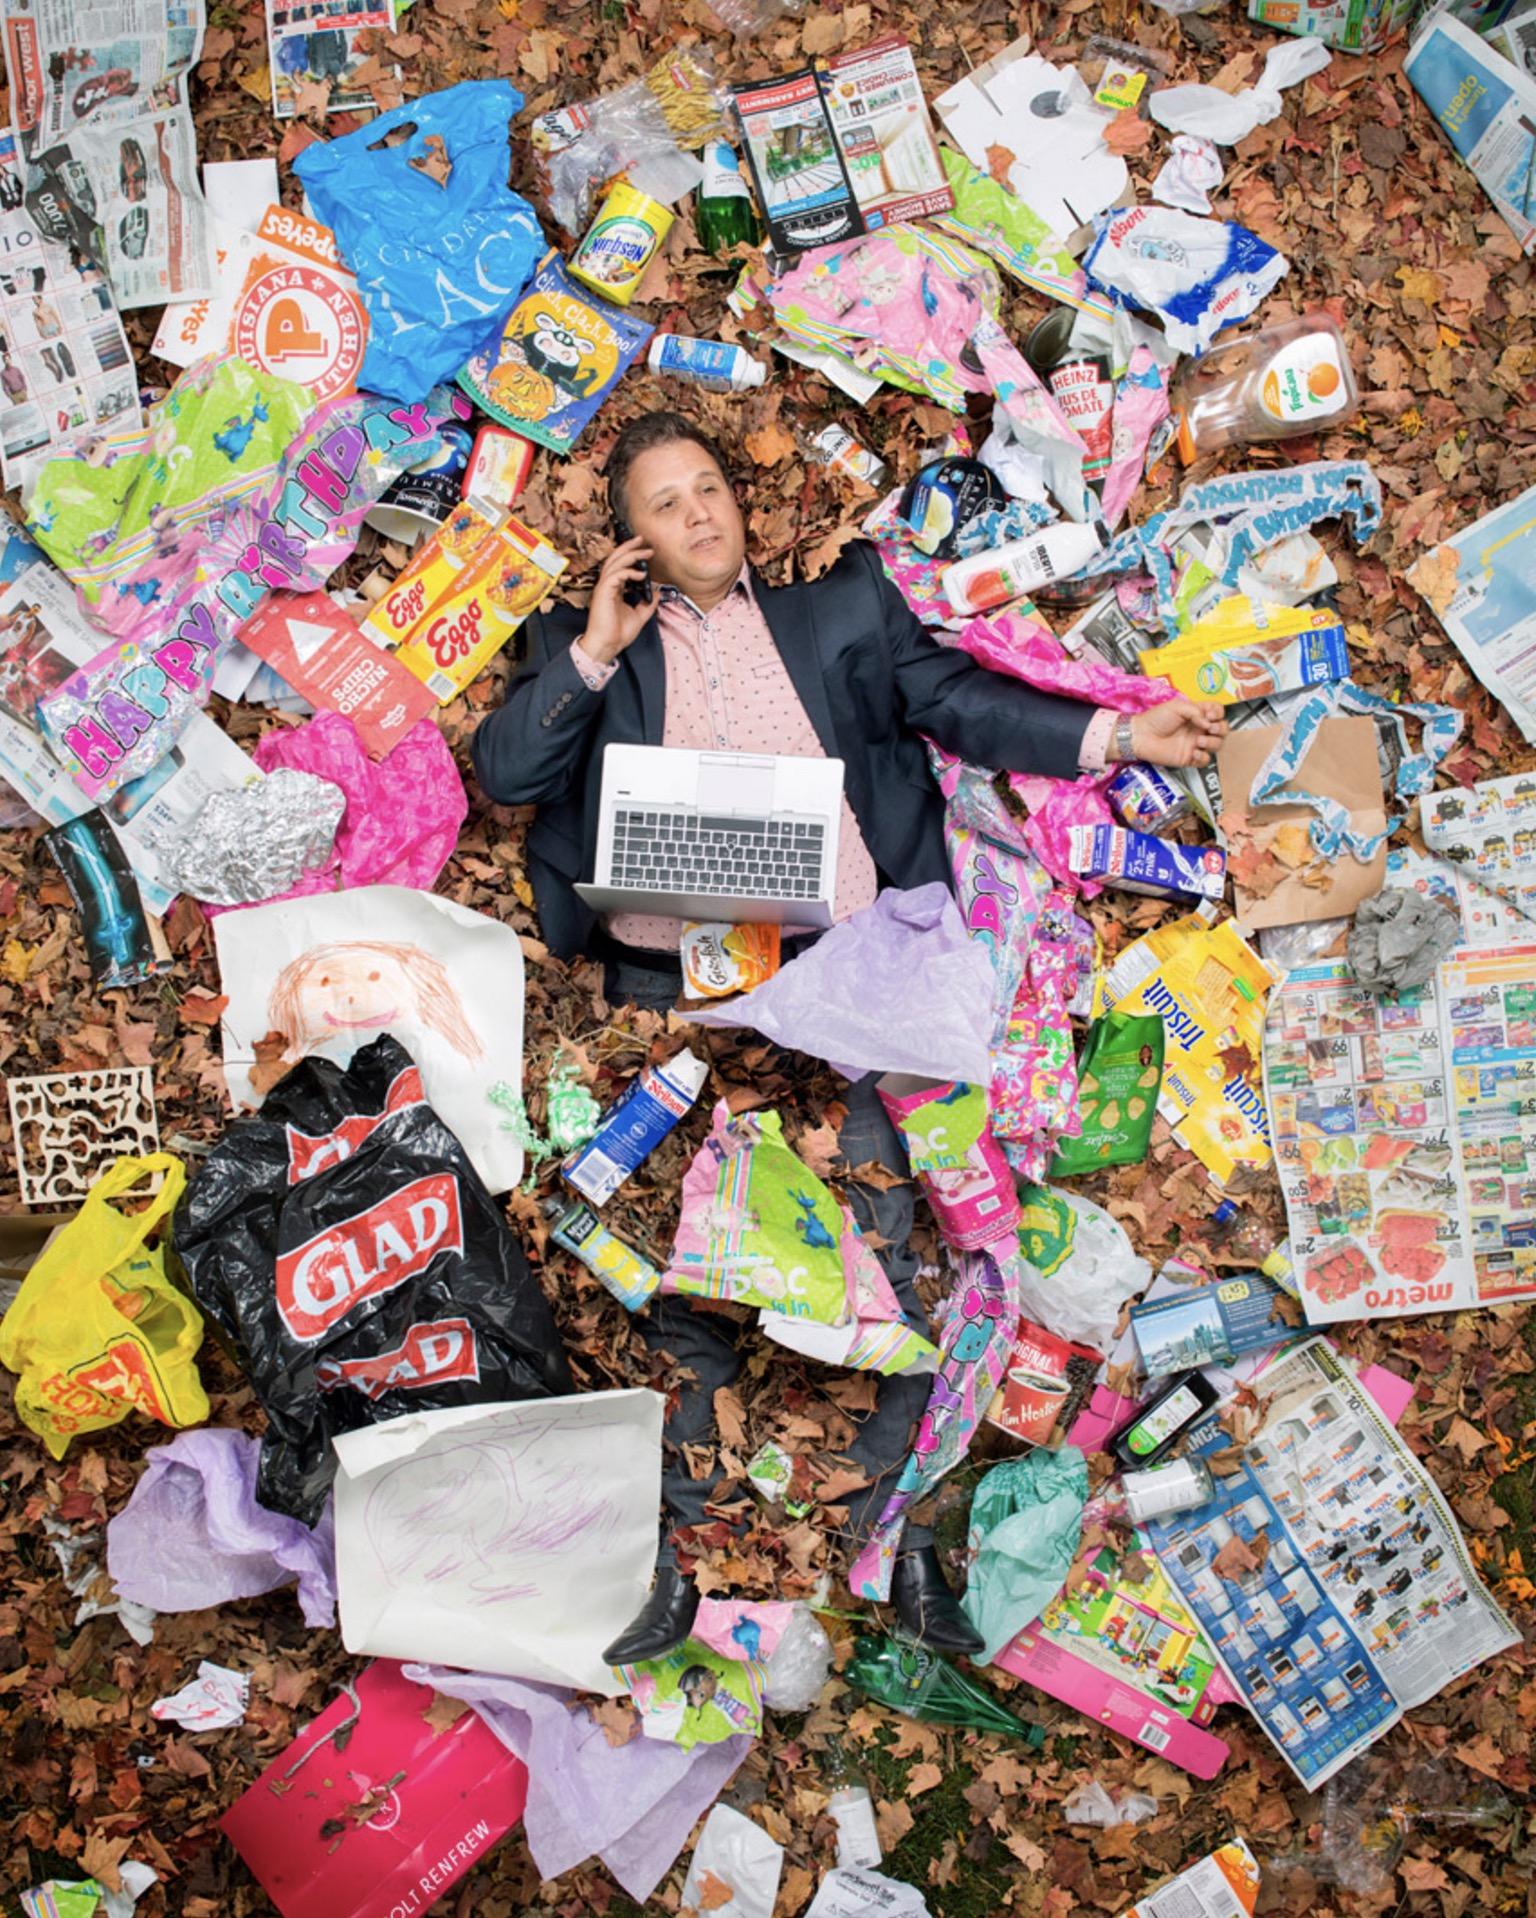 7 Days Of Garbage_Gregg Segal_organiconcrete_10